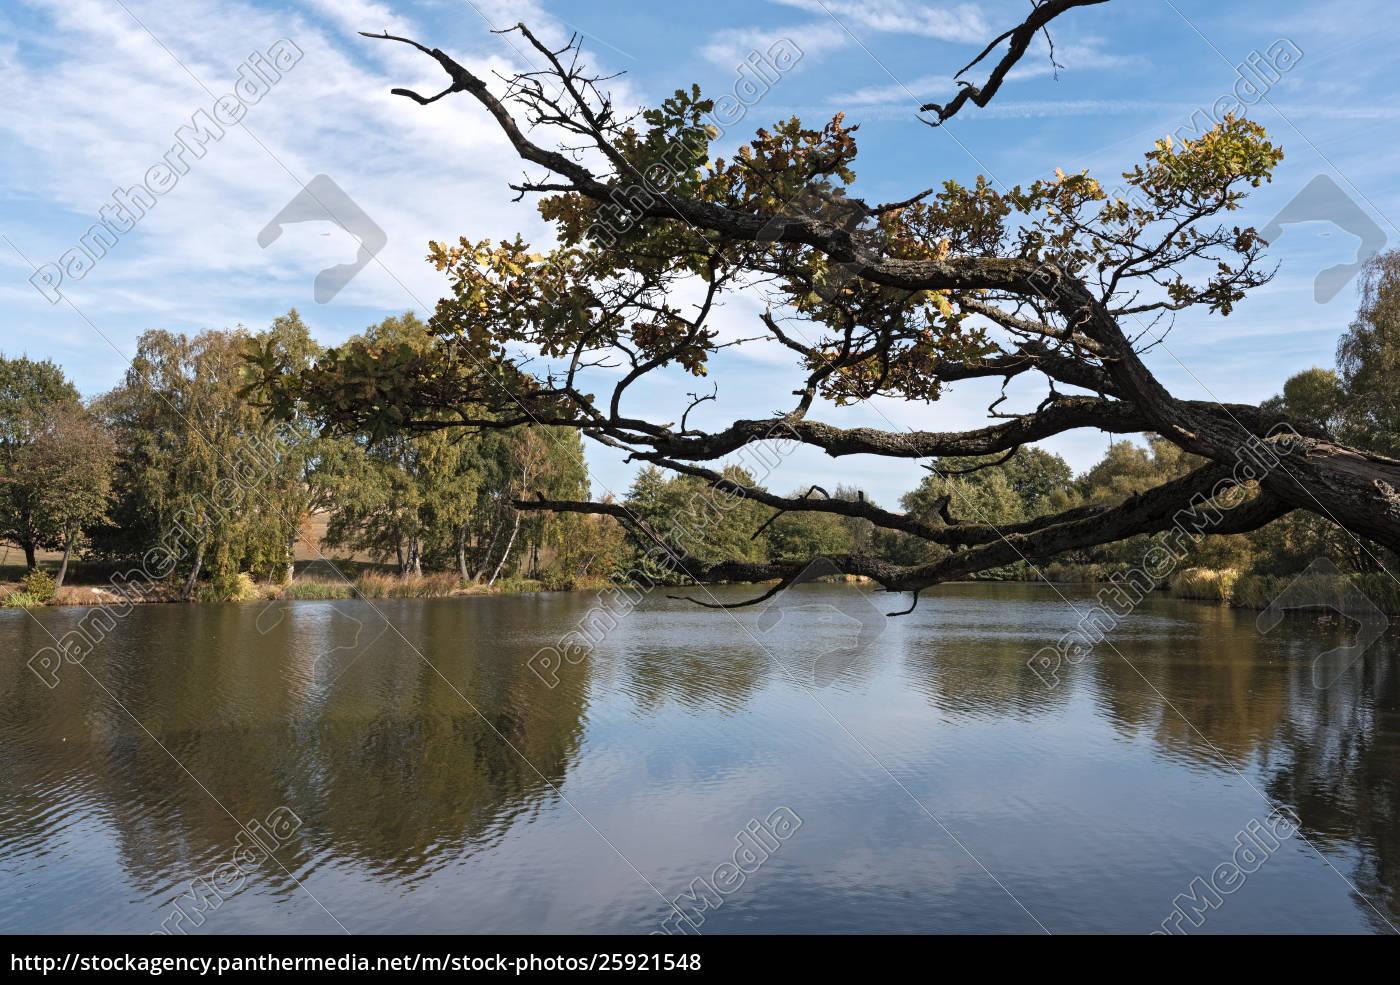 the, meerpfuhl, pond, at, merzhausen, , a - 25921548